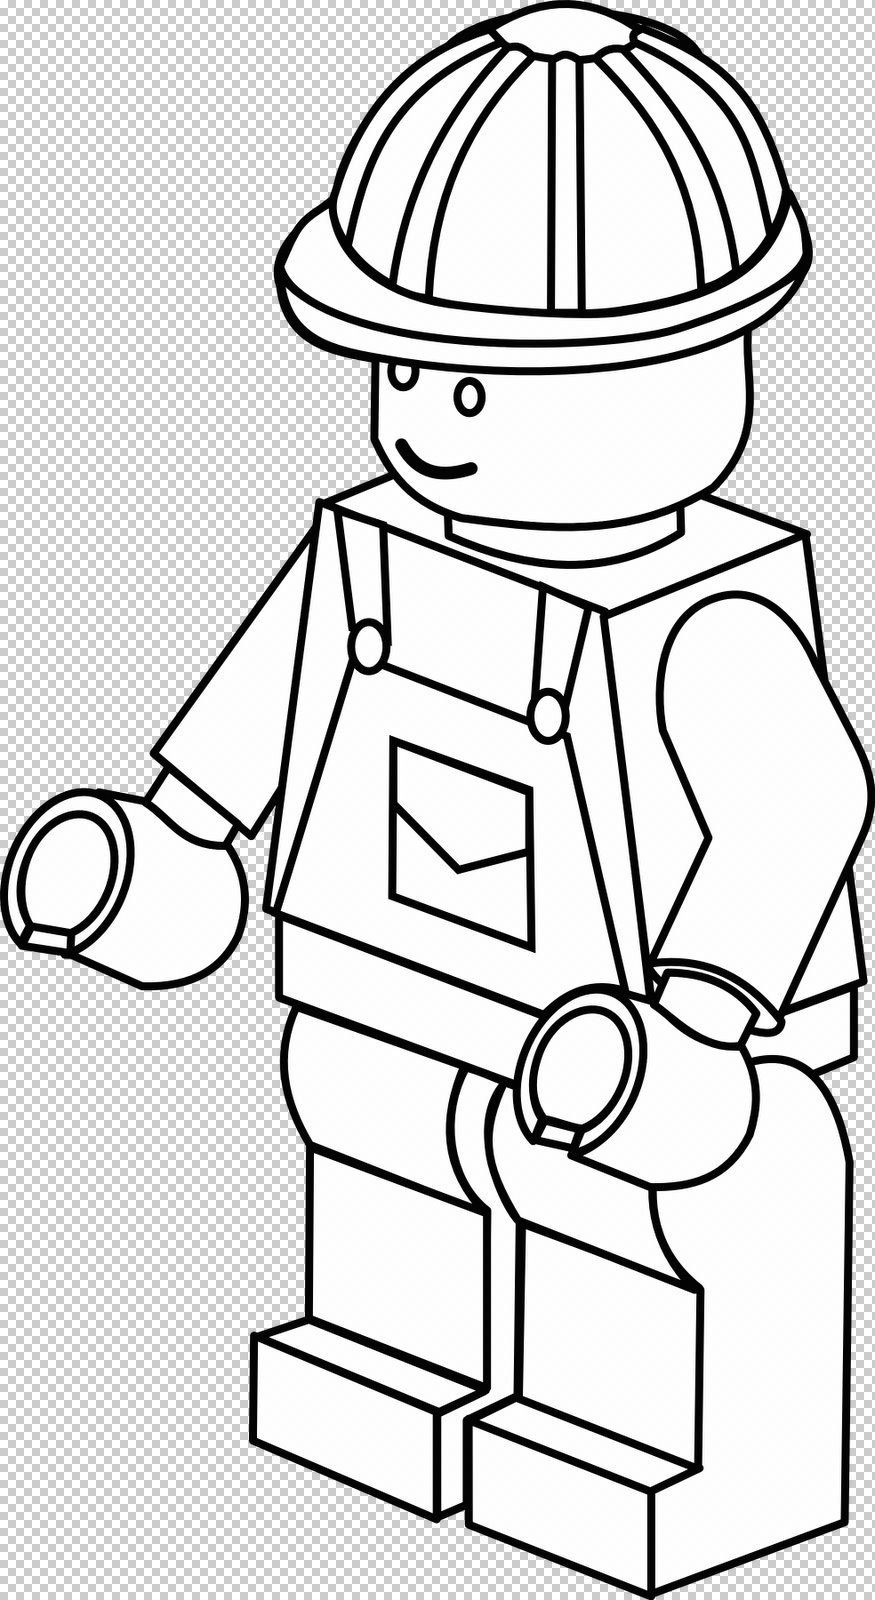 Lego City desenhos para pintar